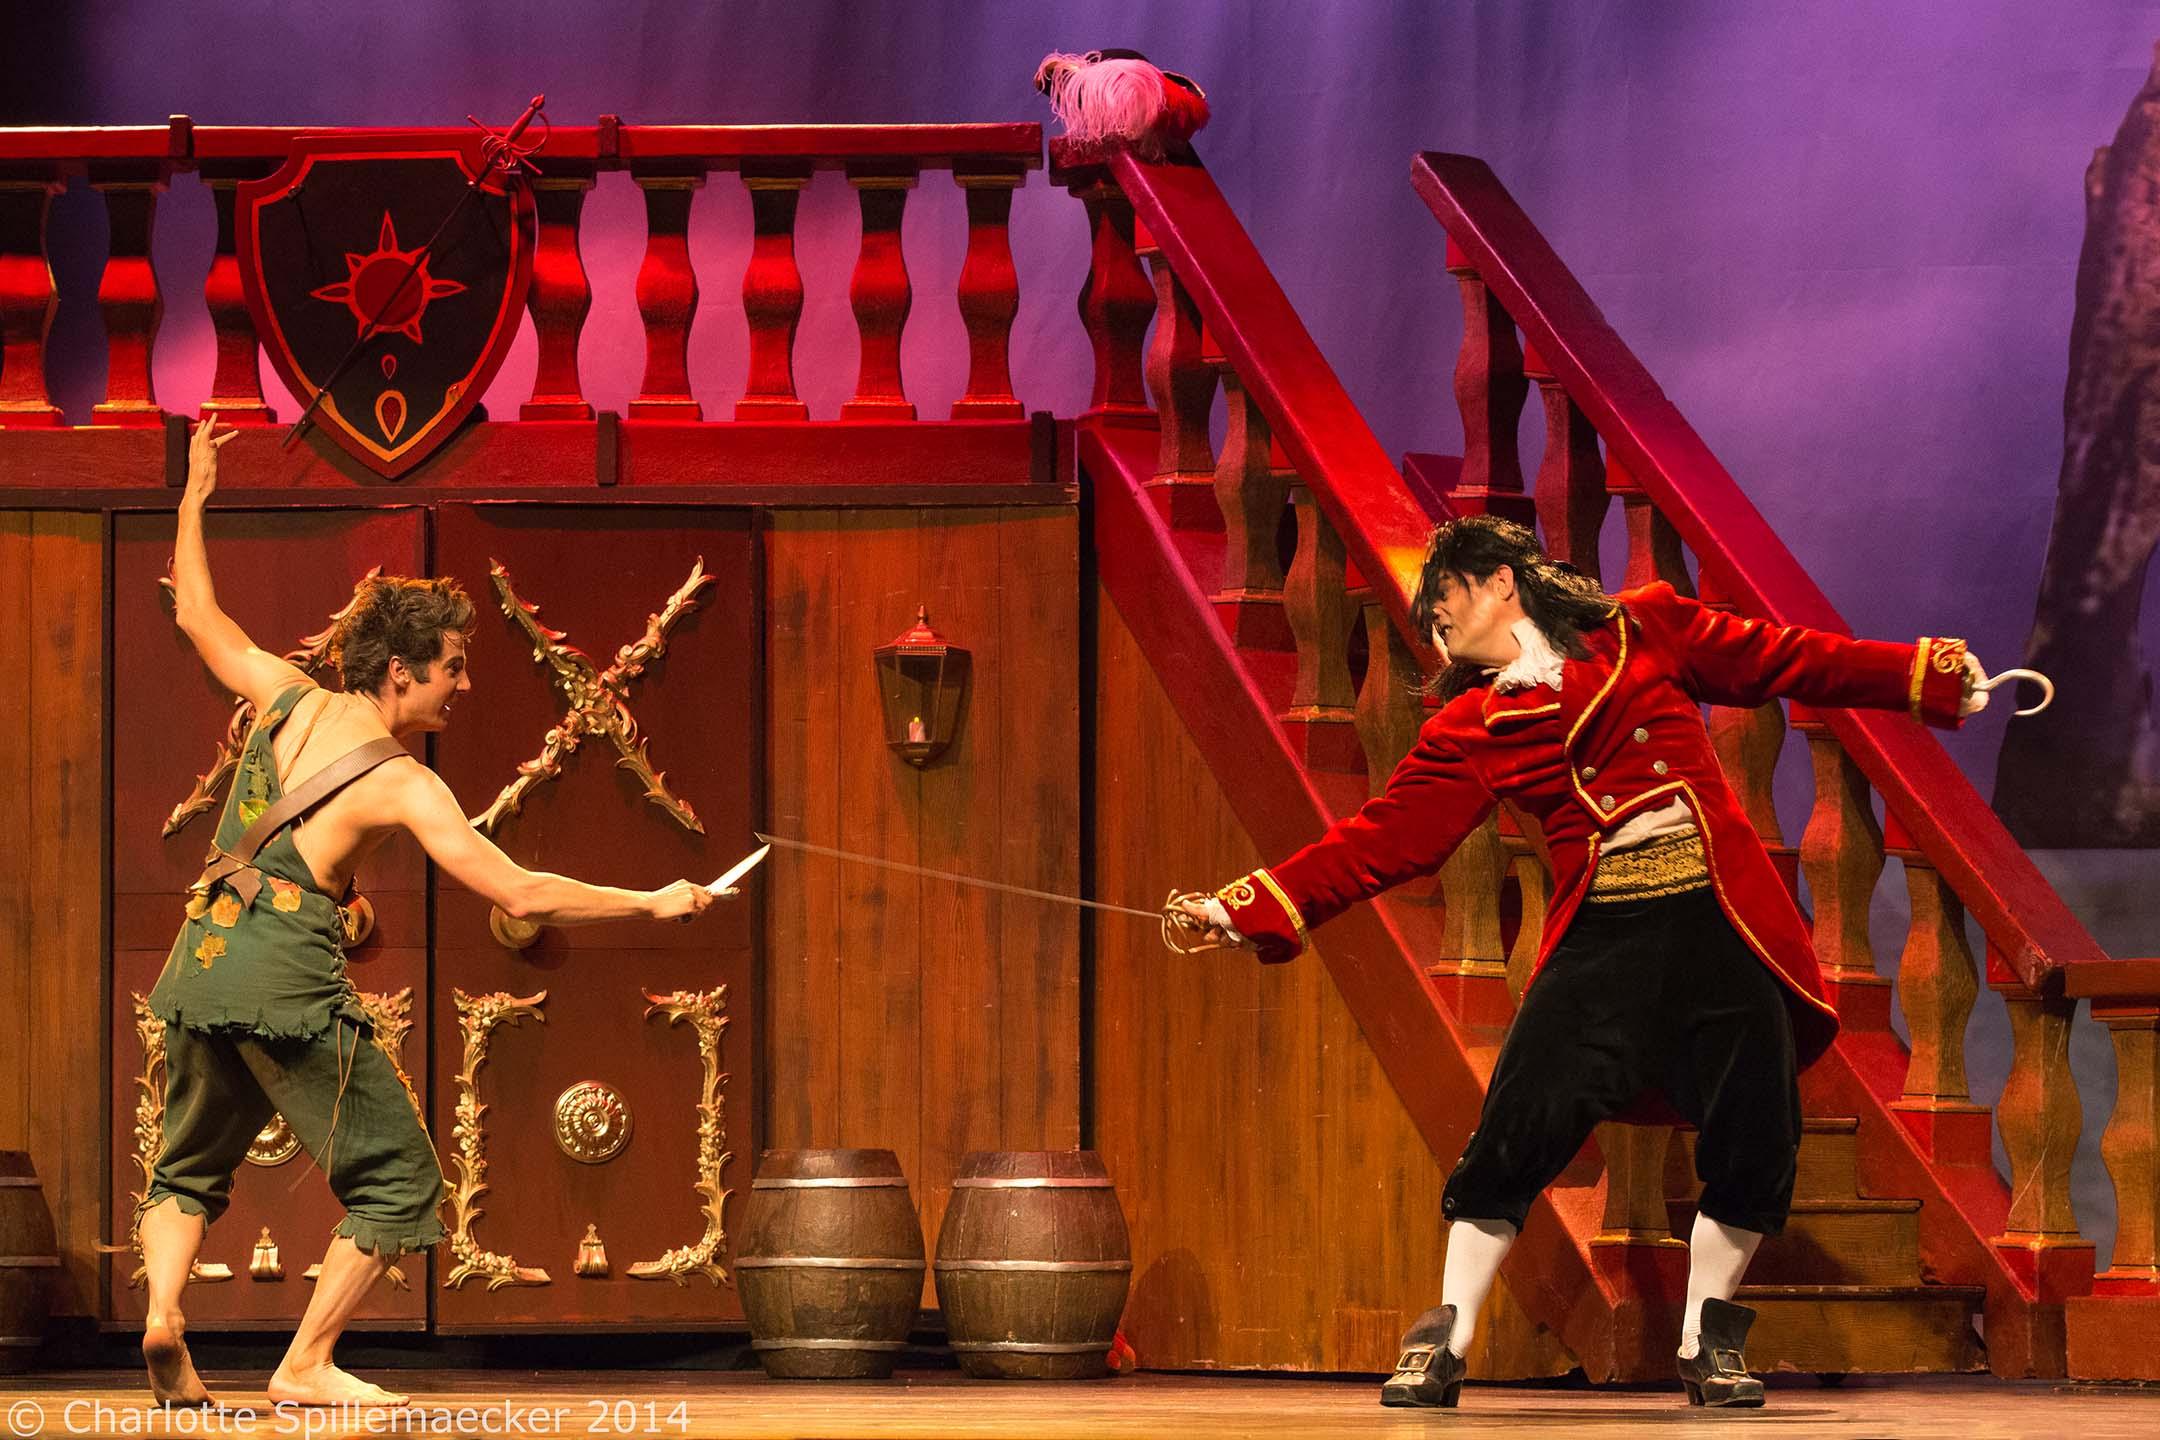 La bataille entre peter pan et le capitaine crochet images images le spectacle peter pan - Image de peter pan ...